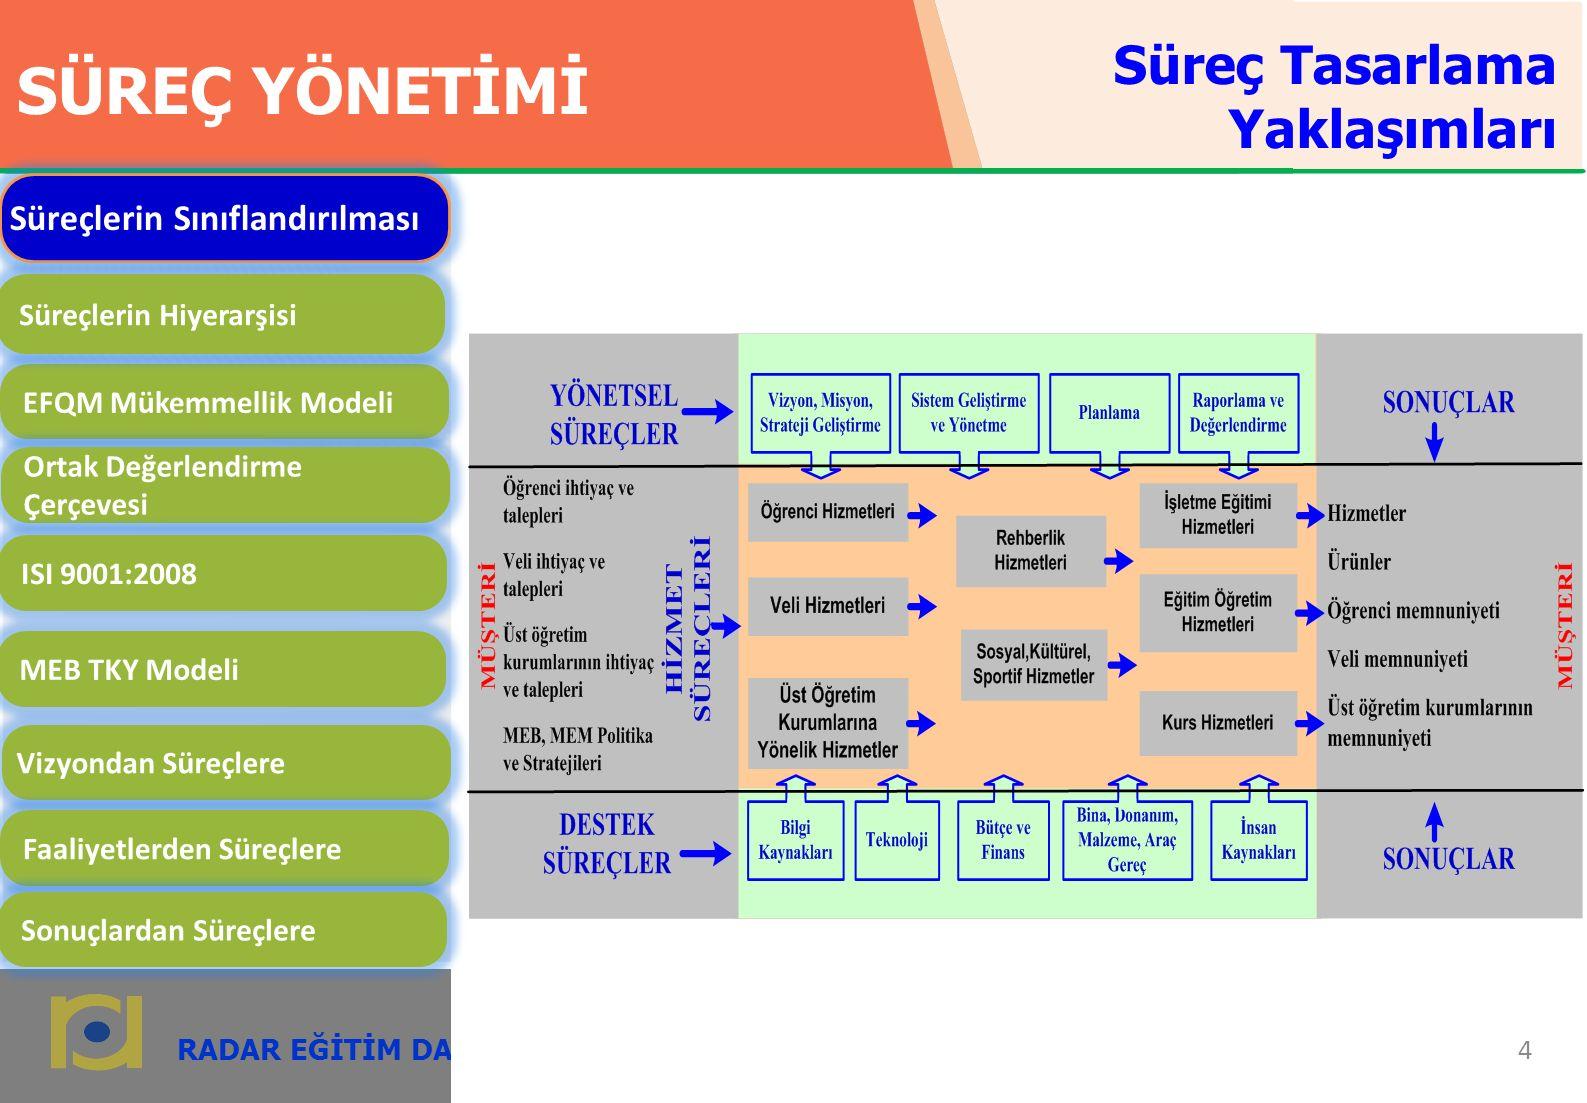 RADAR EĞİTİM DANIŞMANLIK 15 radardanismanlik.com.tr SÜREÇ YÖNETİMİ Süreç Tasarlama Yaklaşımları